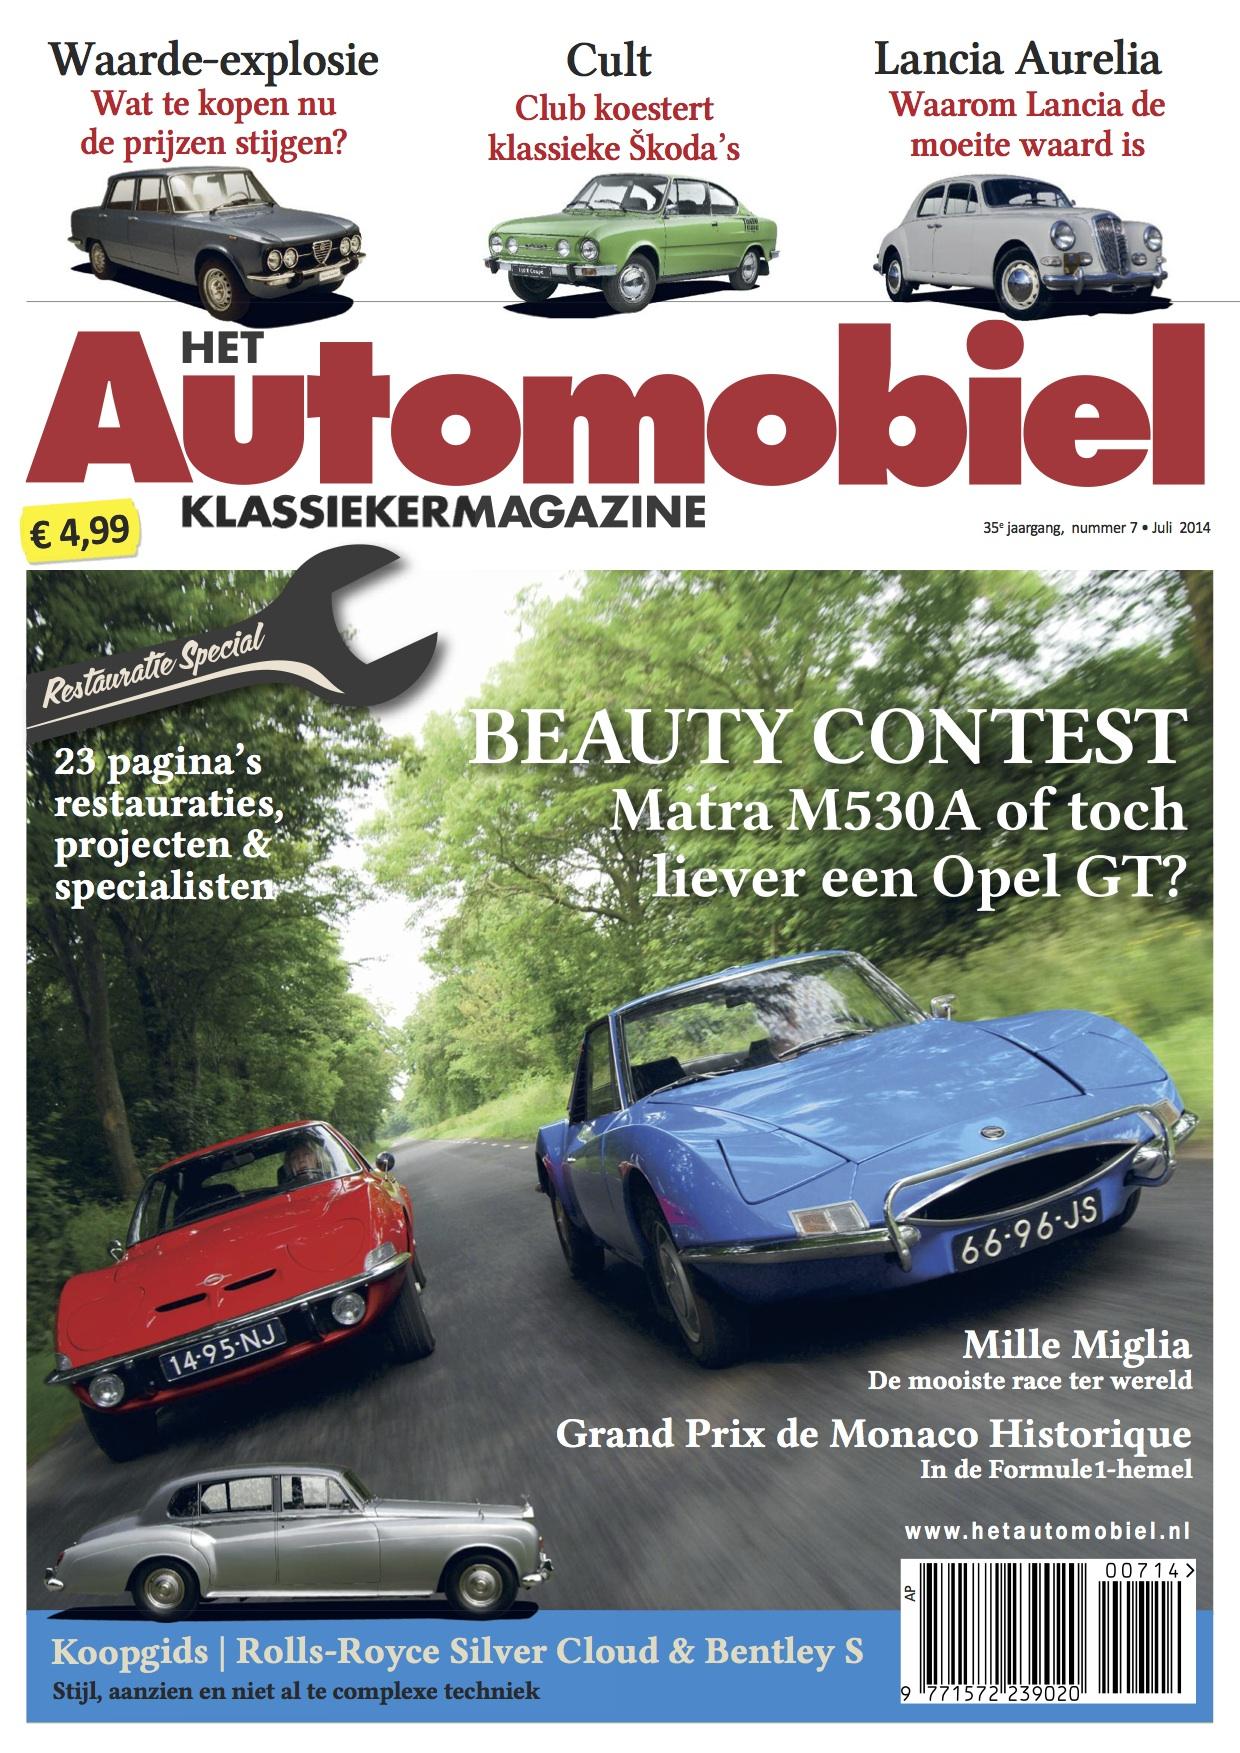 Het Automobiel juli 2014 - restauratiespecial